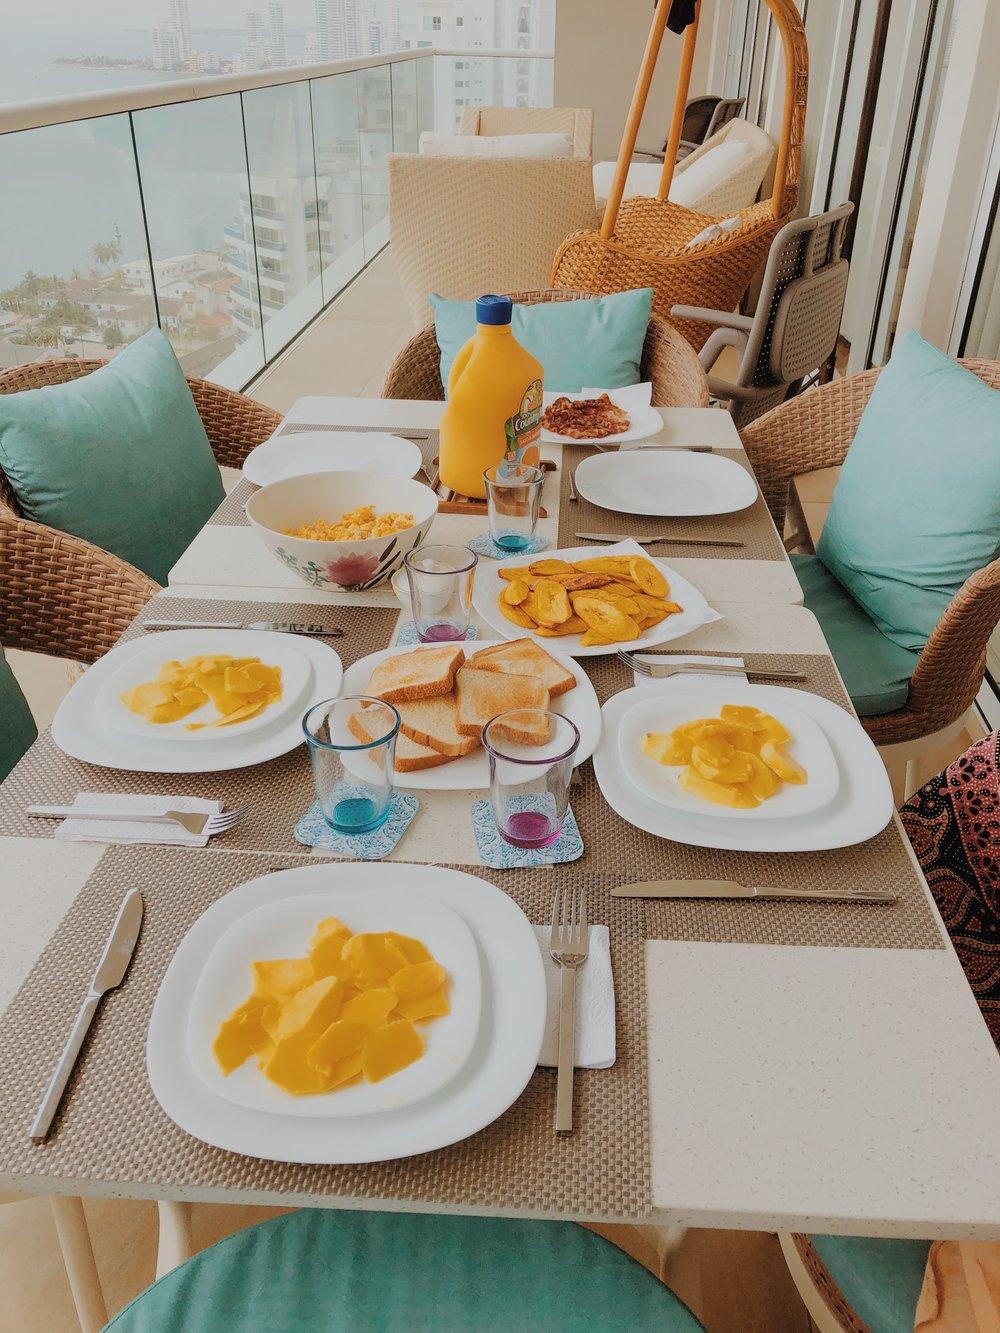 A Colombian Breakfast Aesthetic.